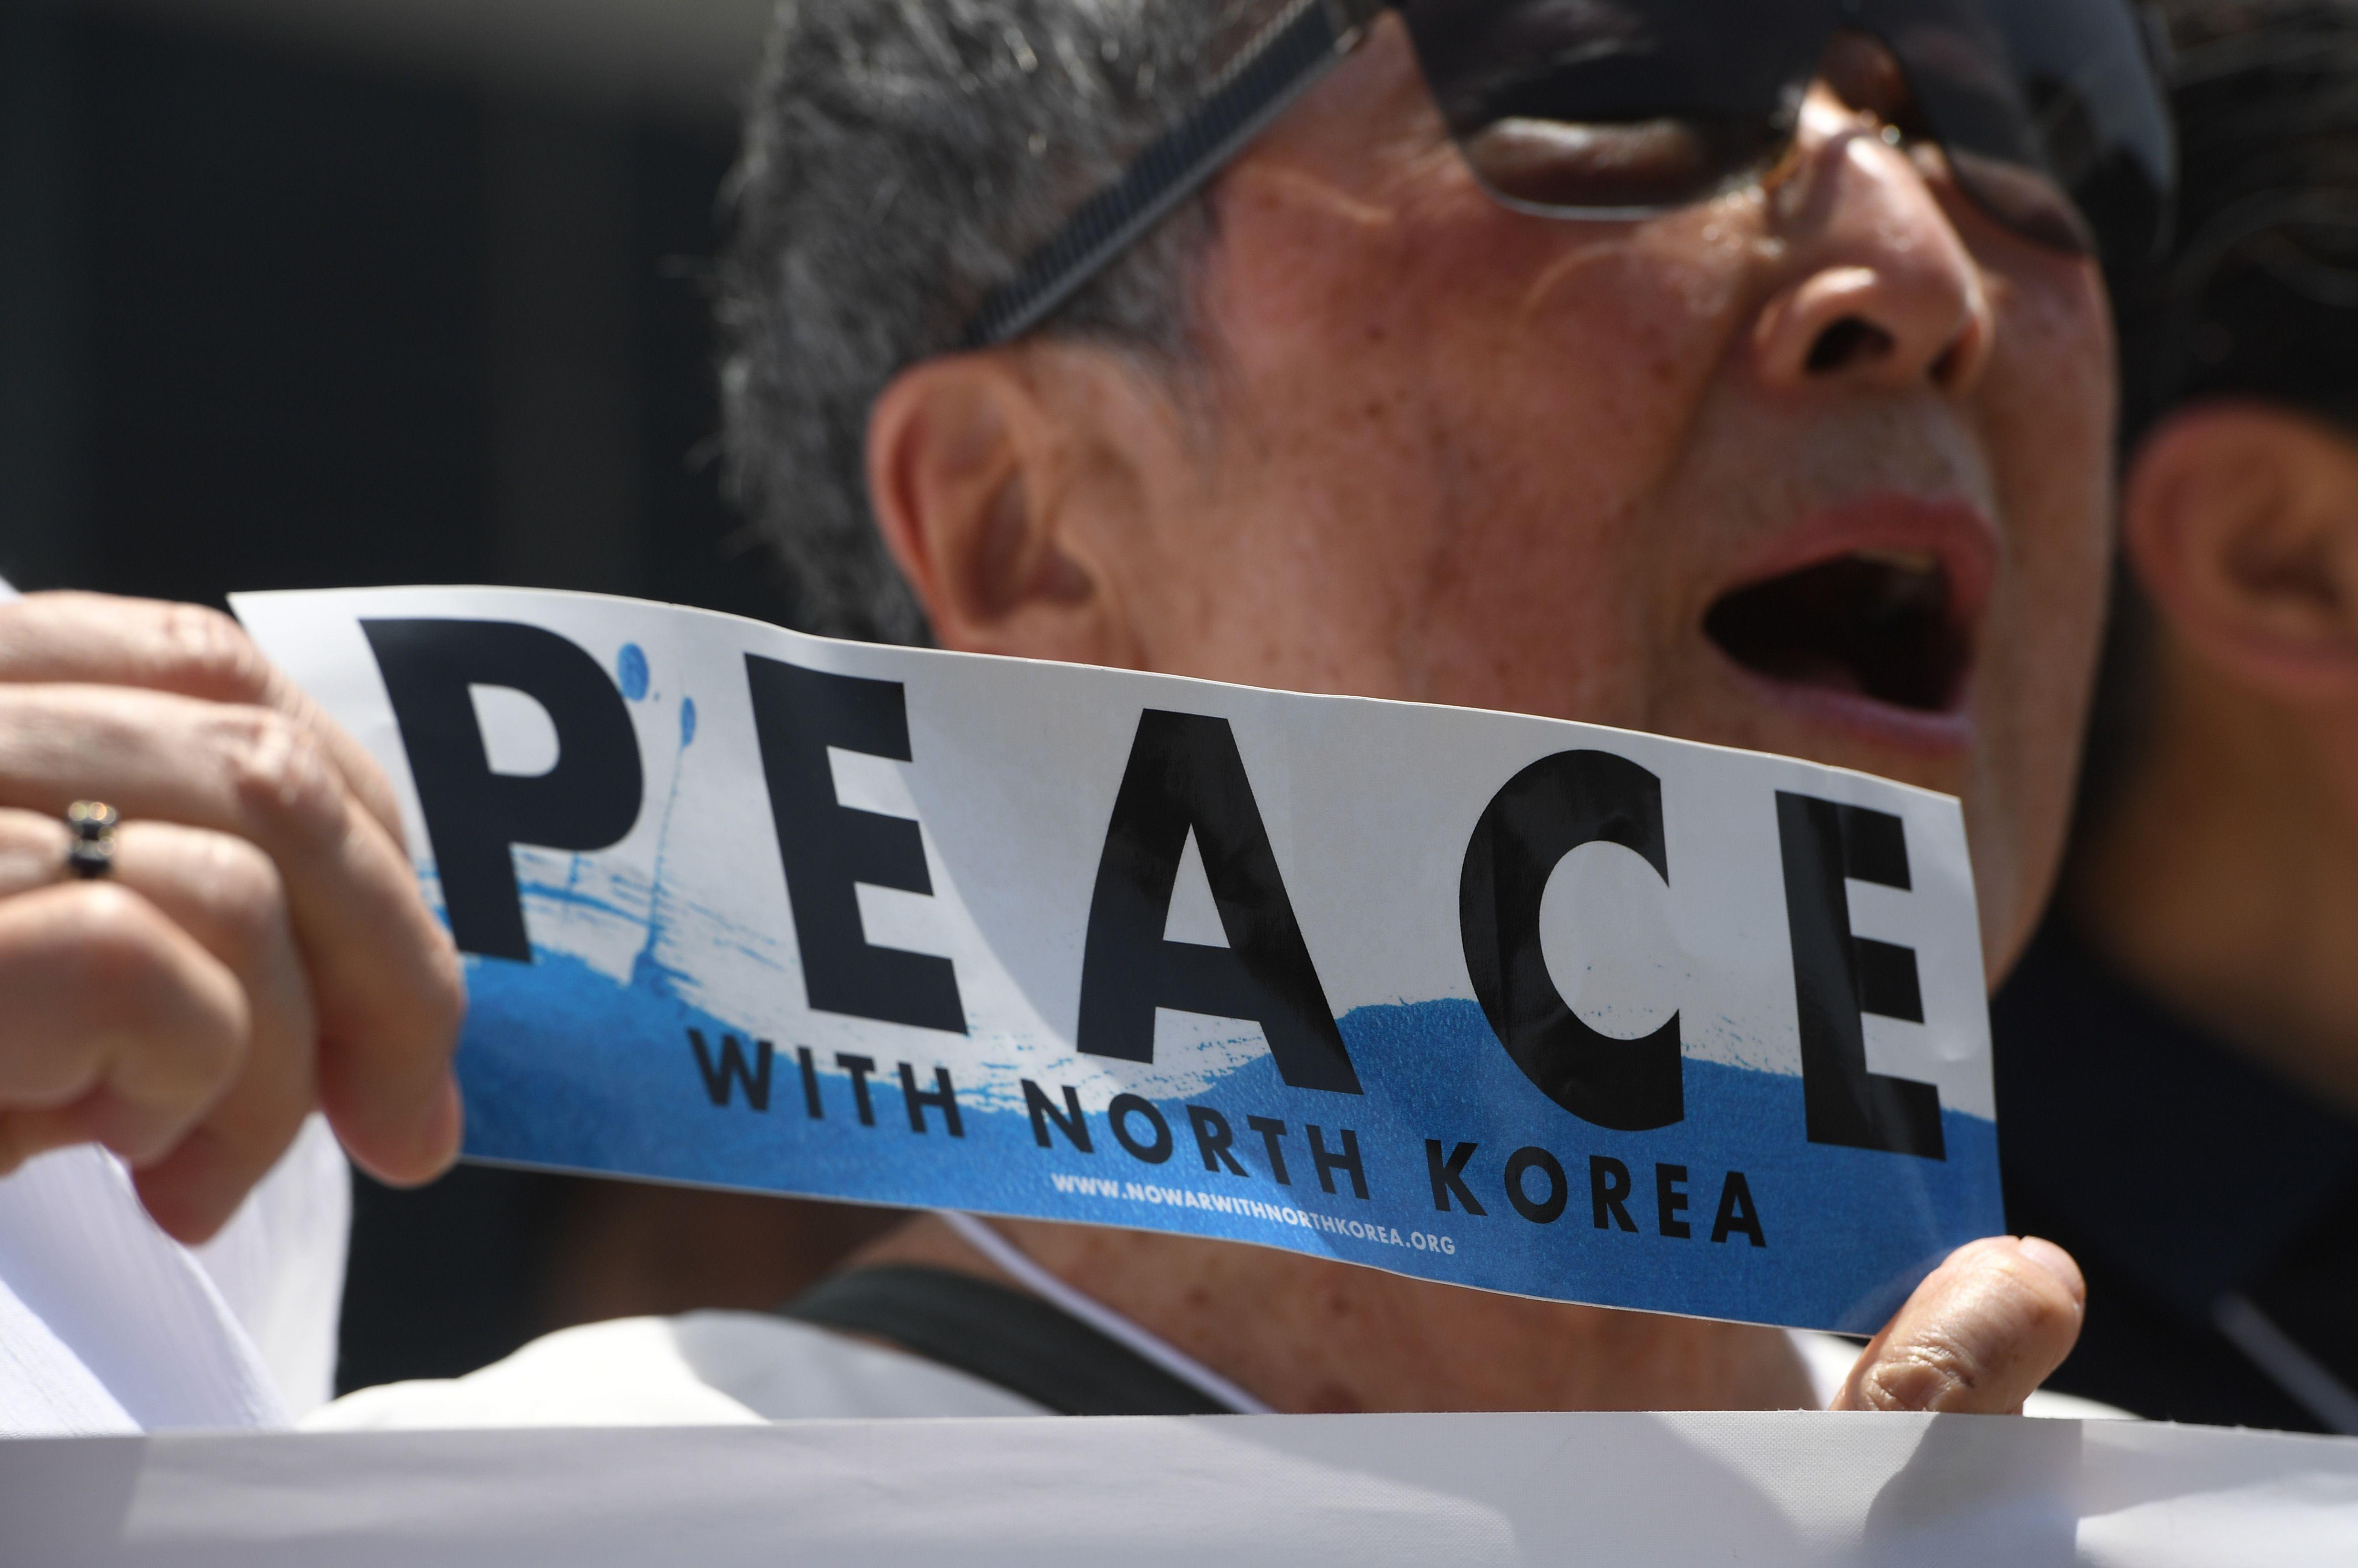 لافتة تطالب بالسلام